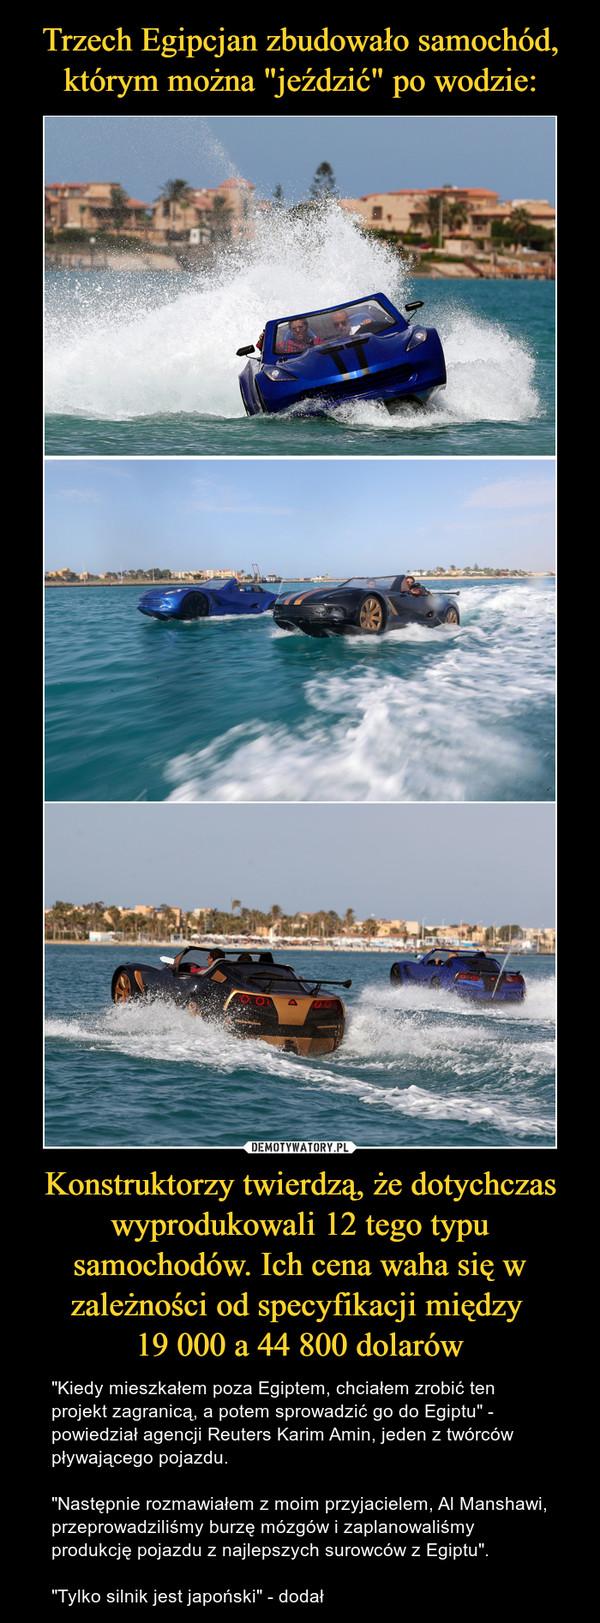 """Konstruktorzy twierdzą, że dotychczas wyprodukowali 12 tego typu samochodów. Ich cena waha się w zależności od specyfikacji między 19 000 a 44 800 dolarów – """"Kiedy mieszkałem poza Egiptem, chciałem zrobić ten projekt zagranicą, a potem sprowadzić go do Egiptu"""" - powiedział agencji Reuters Karim Amin, jeden z twórców pływającego pojazdu.""""Następnie rozmawiałem z moim przyjacielem, Al Manshawi, przeprowadziliśmy burzę mózgów i zaplanowaliśmy produkcję pojazdu z najlepszych surowców z Egiptu"""".""""Tylko silnik jest japoński"""" - dodał"""